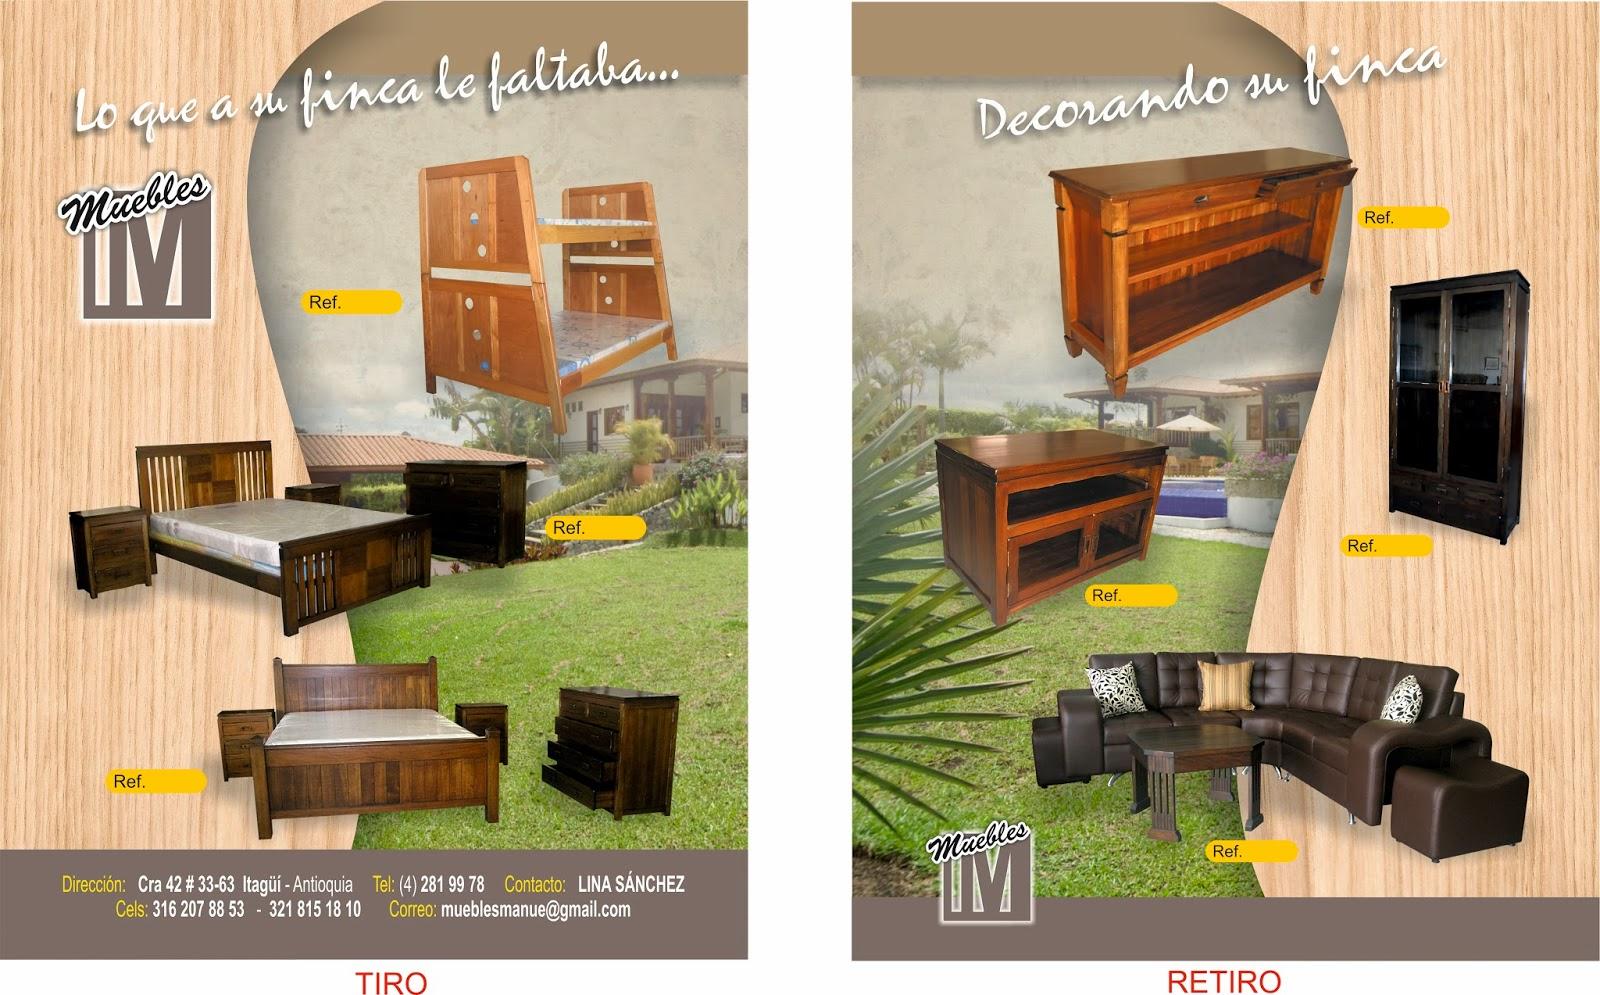 Pendon volante impreso y fotografia alejasierra for Muebles gomez y sierra